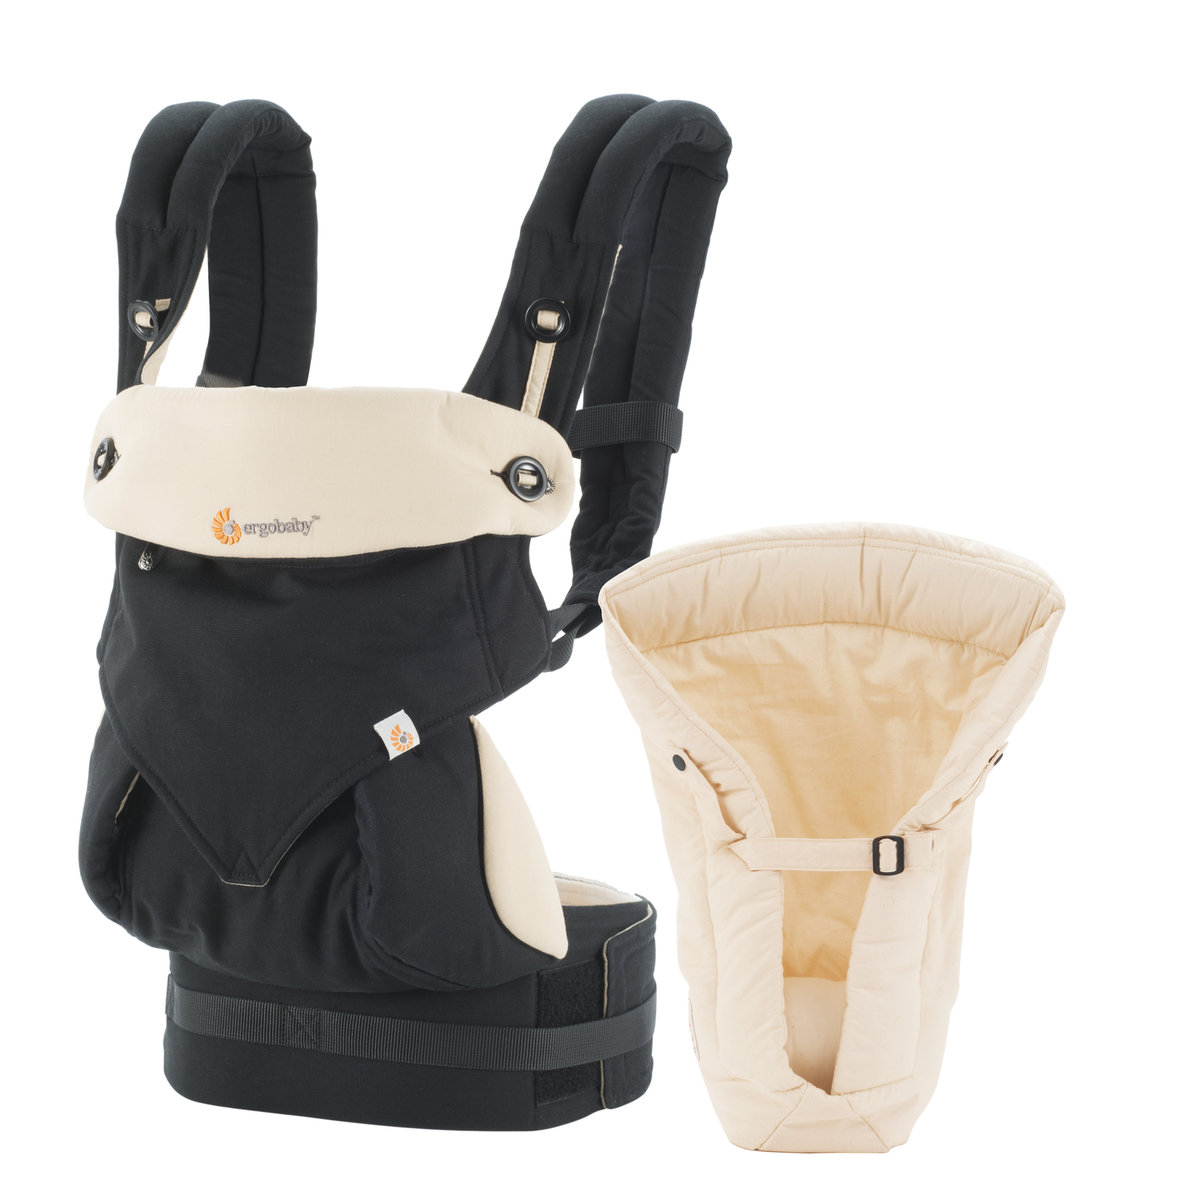 四式360嬰兒揹帶加保護墊套裝 - 黑色/駝色